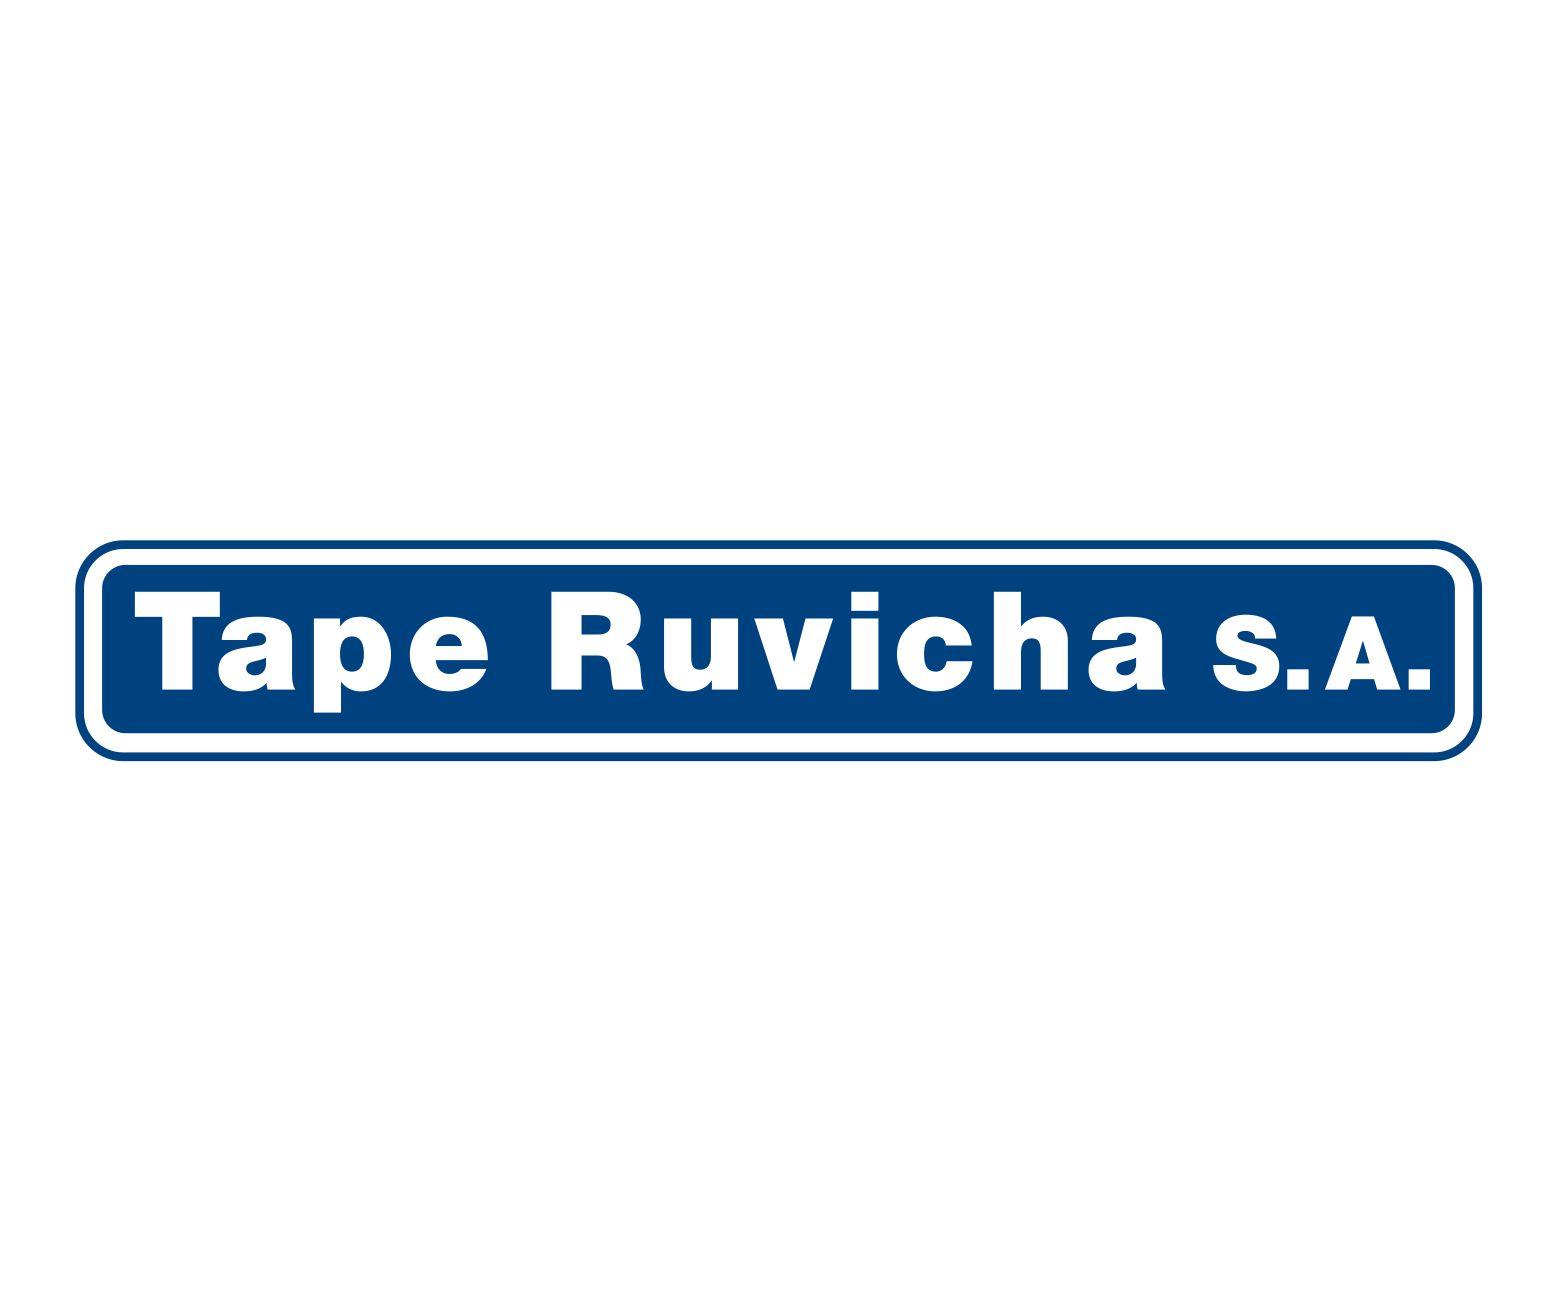 tape-ruvicha-sa